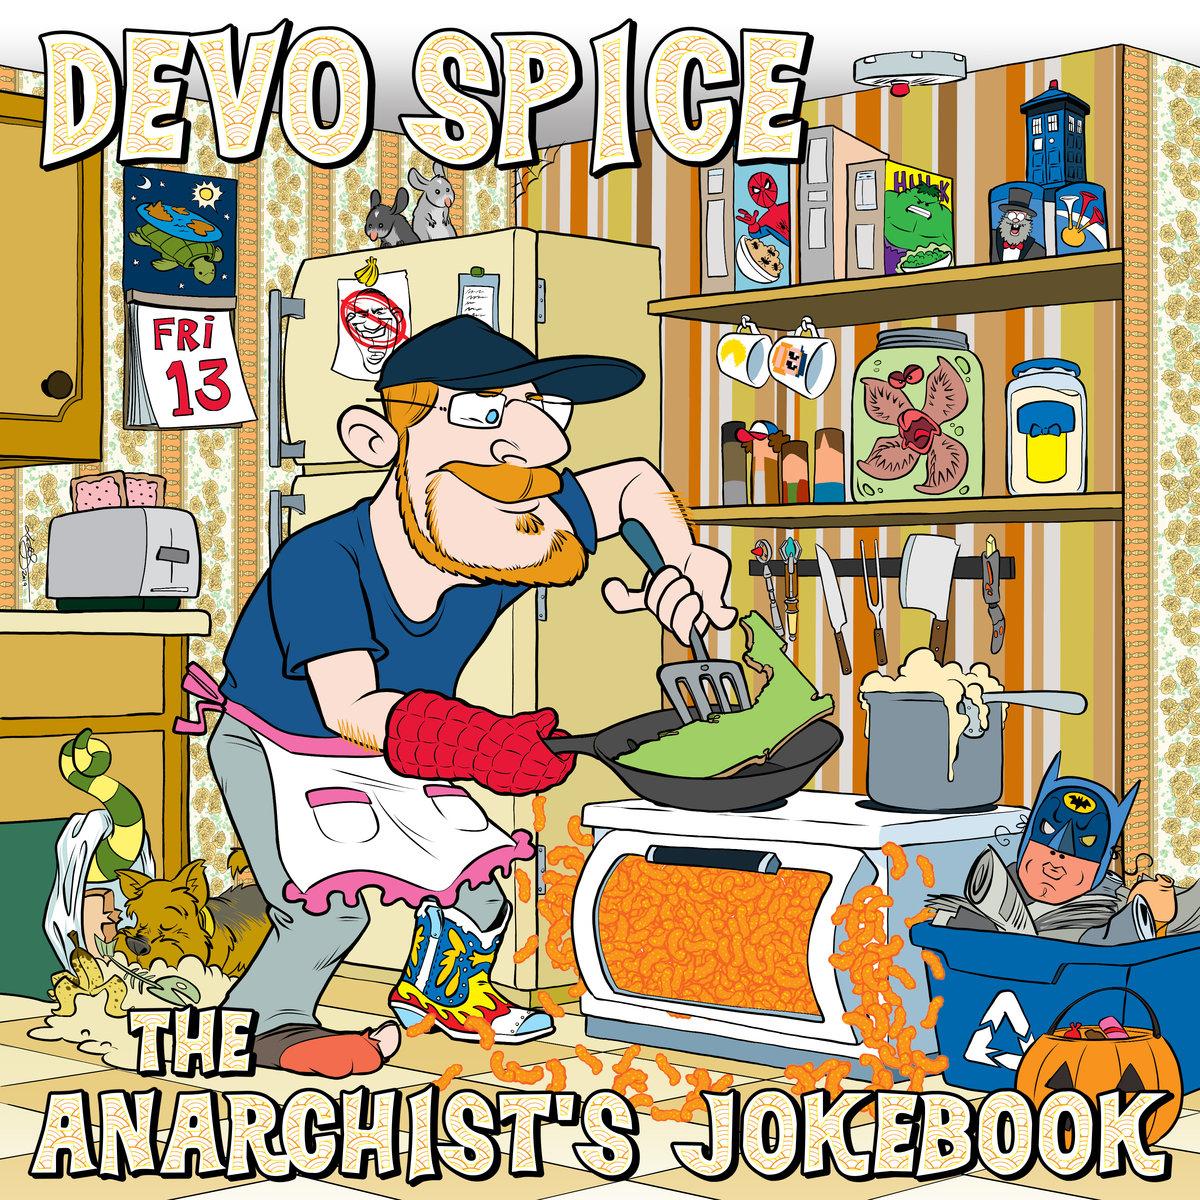 1200x1200 The Anarchist's Jokebook Devo Spice